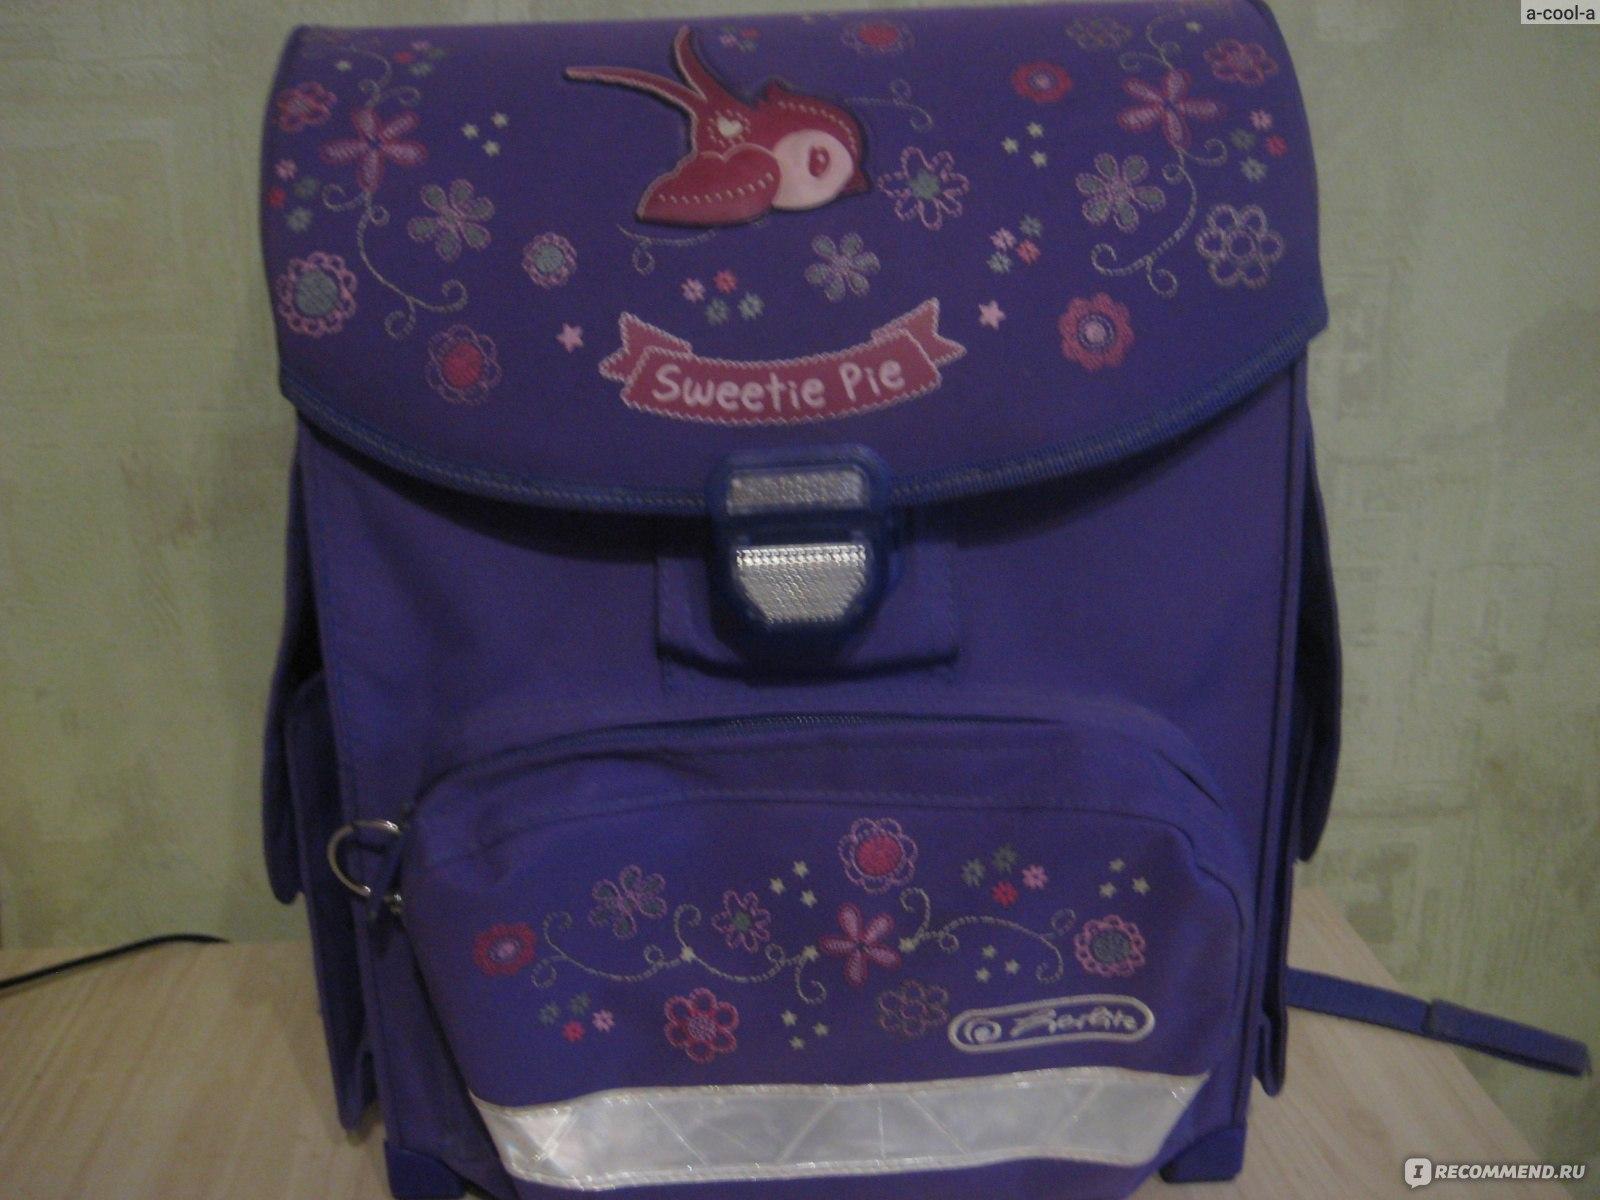 Школьные рюкзаки 2013 фото купить рюкзак для школы monking